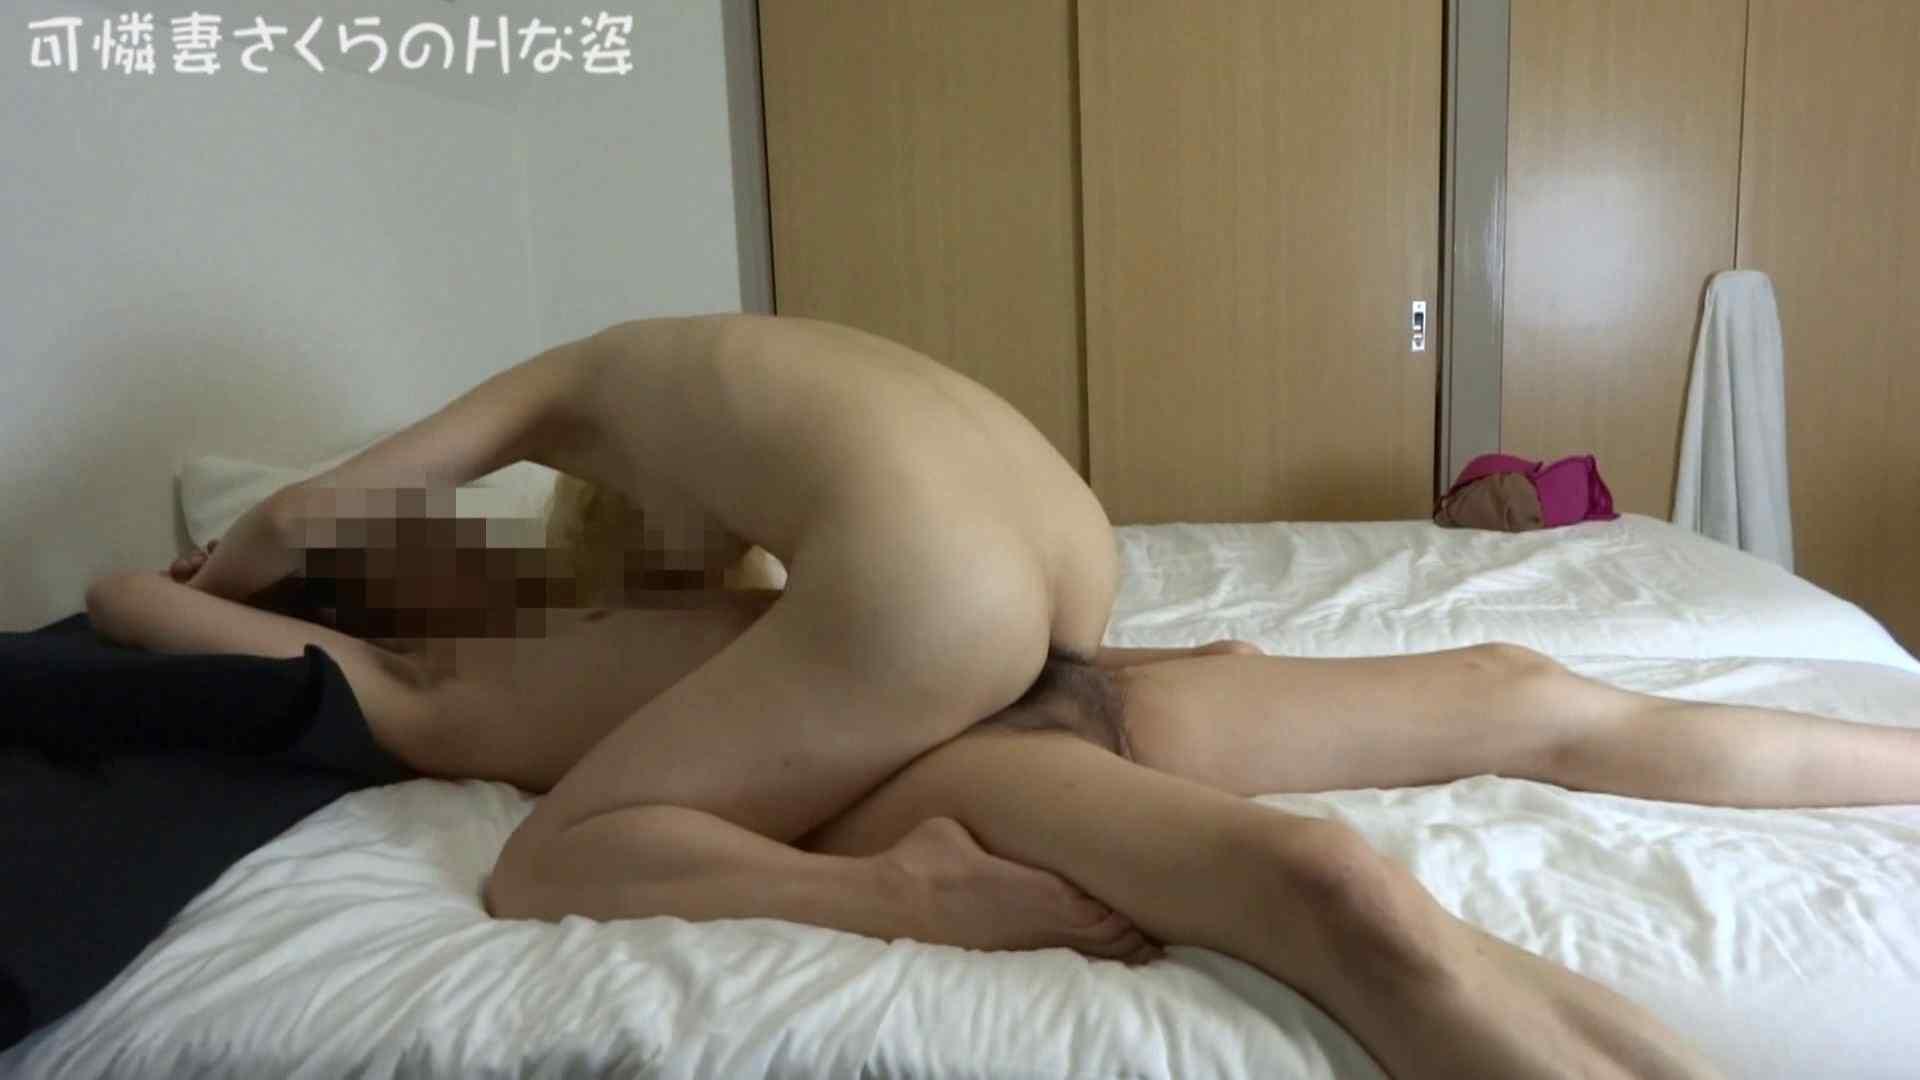 可憐妻さくらのHな姿vol.17 美しいOLの裸体  82pic 46